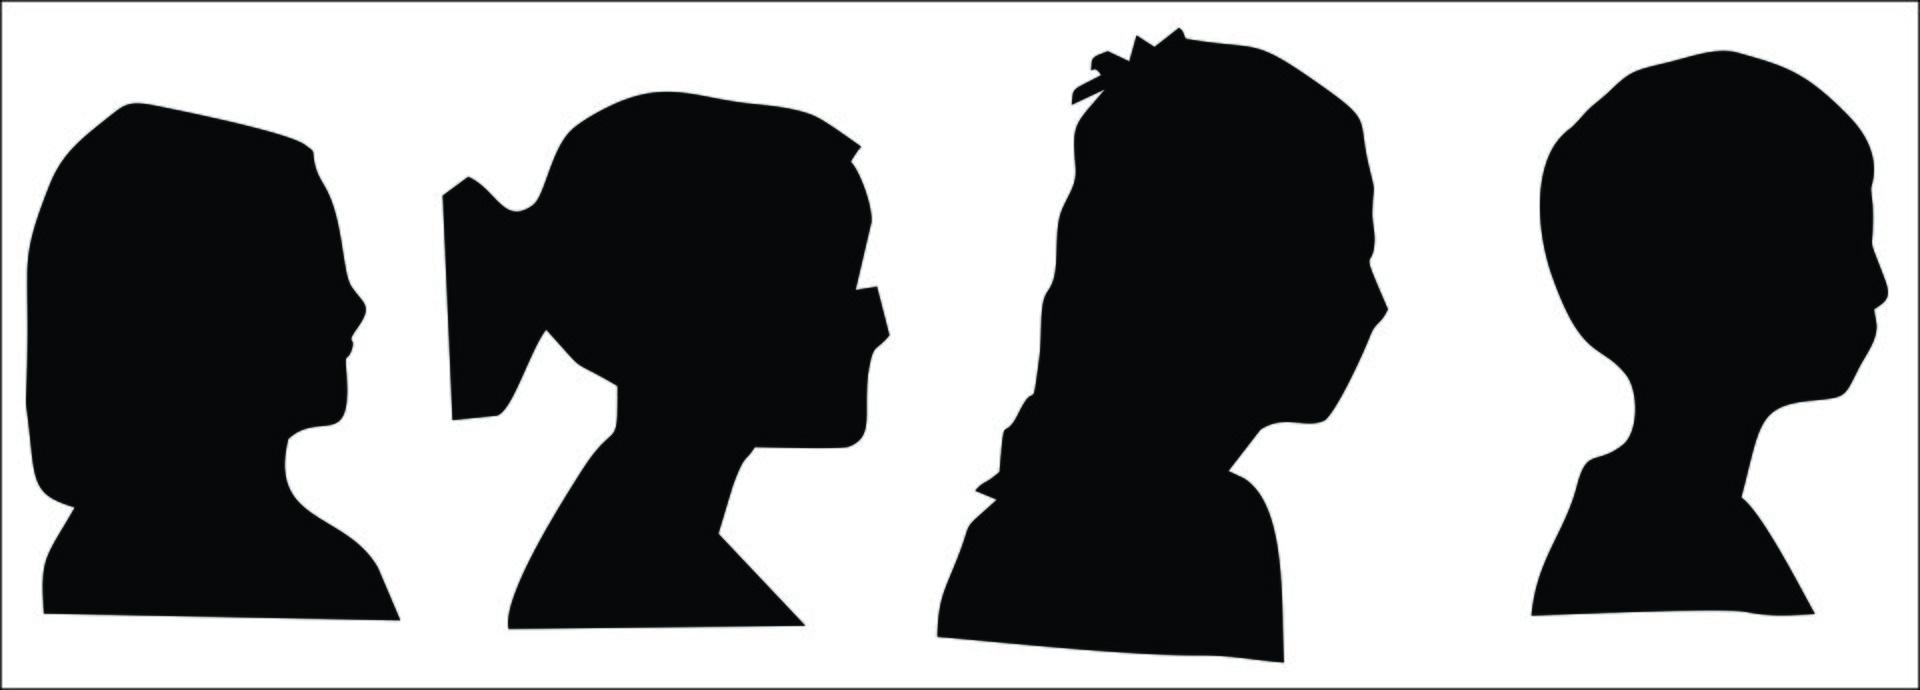 Ilustracja przedstawia przykłady czterech portretów sylwetkowych. Trzy znich należą najprawdopodobniej do dziewczynek, co sugerują fryzury - dłuższe włosy rozpuszczone lub upięte wkucyk. Czwarty portret należy prawdopodobnie do chłopca okrótkich włosach.